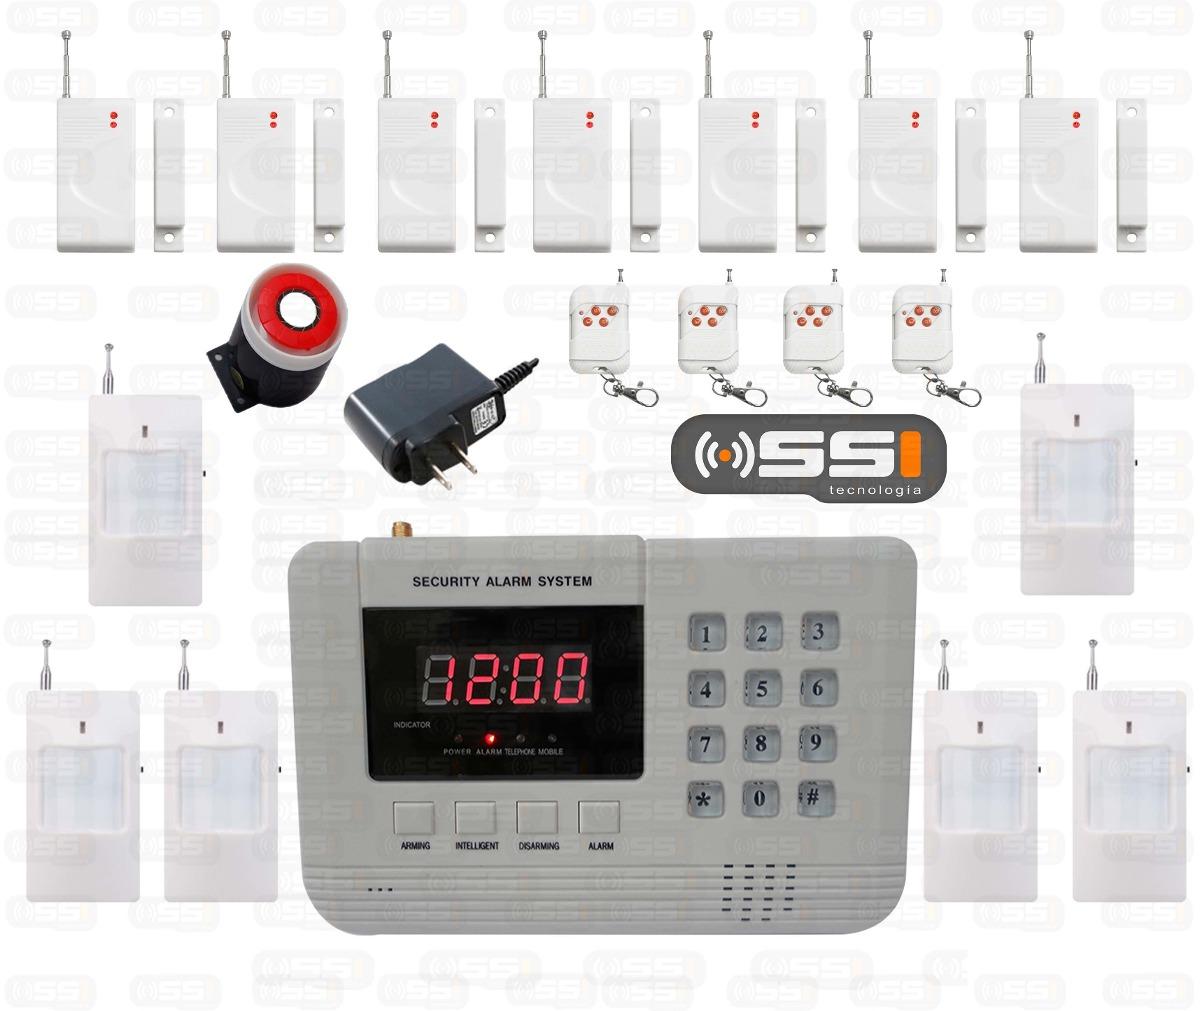 Alarma gsm hibrida inalambrica intelig para casa negocio - Alarmas para casa precios ...